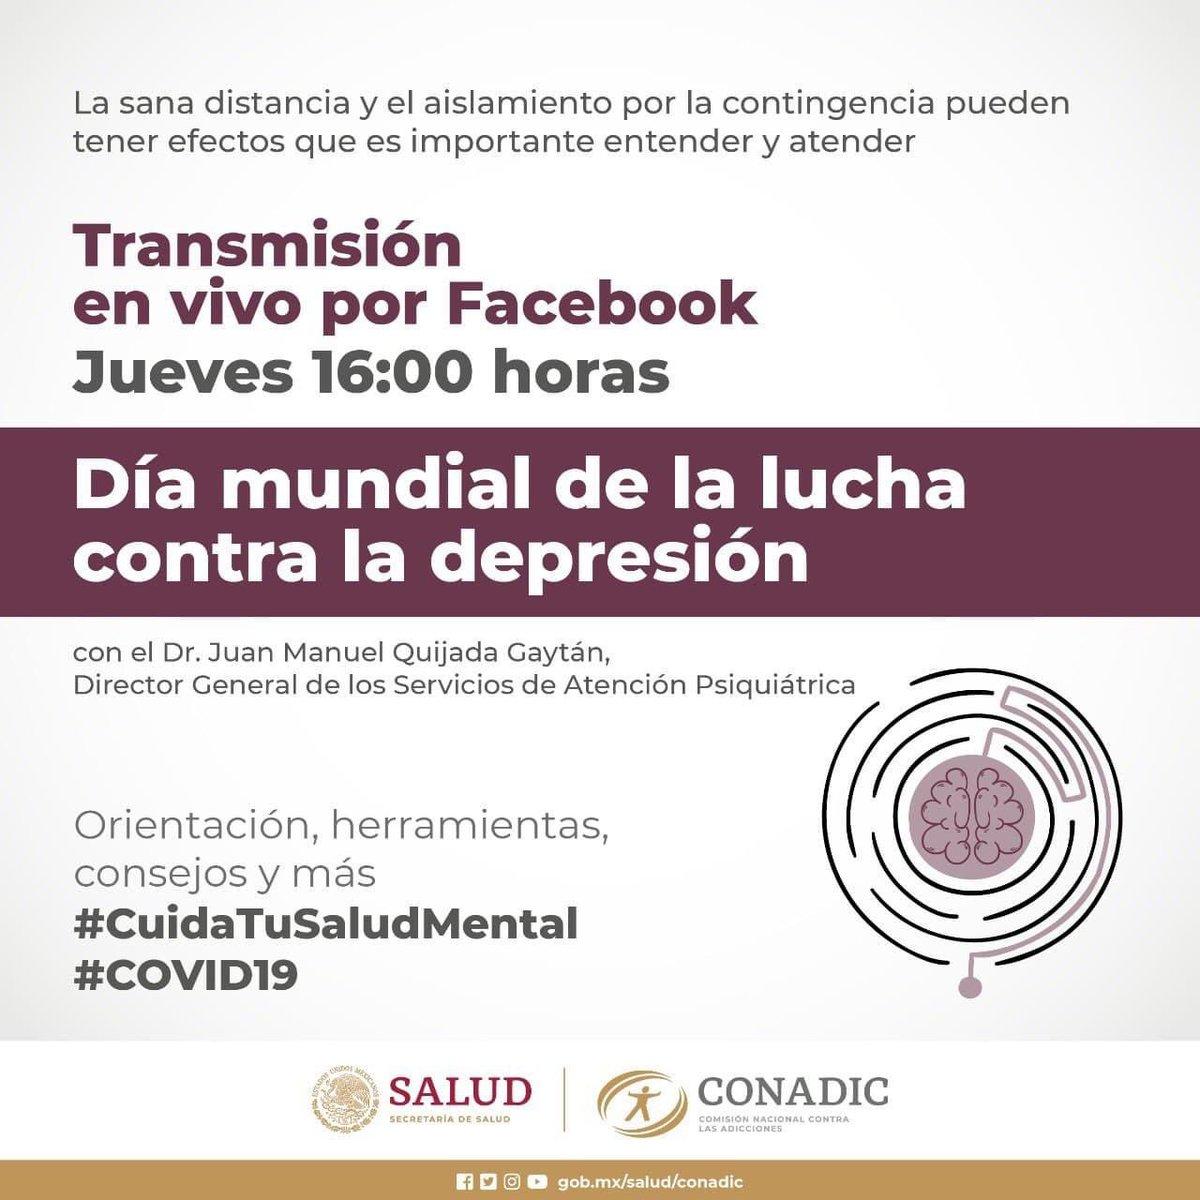 Hoy jueves 21 a las 3:00 pm (Sonora) en vivo por Facebook de Conadic MX se trasmitirá el tema: Día Mundial de la Lucha Contra la Depresión por el Dr. Juan Manuel Quijada Gaytán.  #CuidaTuSaludMental   @UNEMECAPACajeme @CapaSonora @CONADICmx https://t.co/AaCaq43aVY